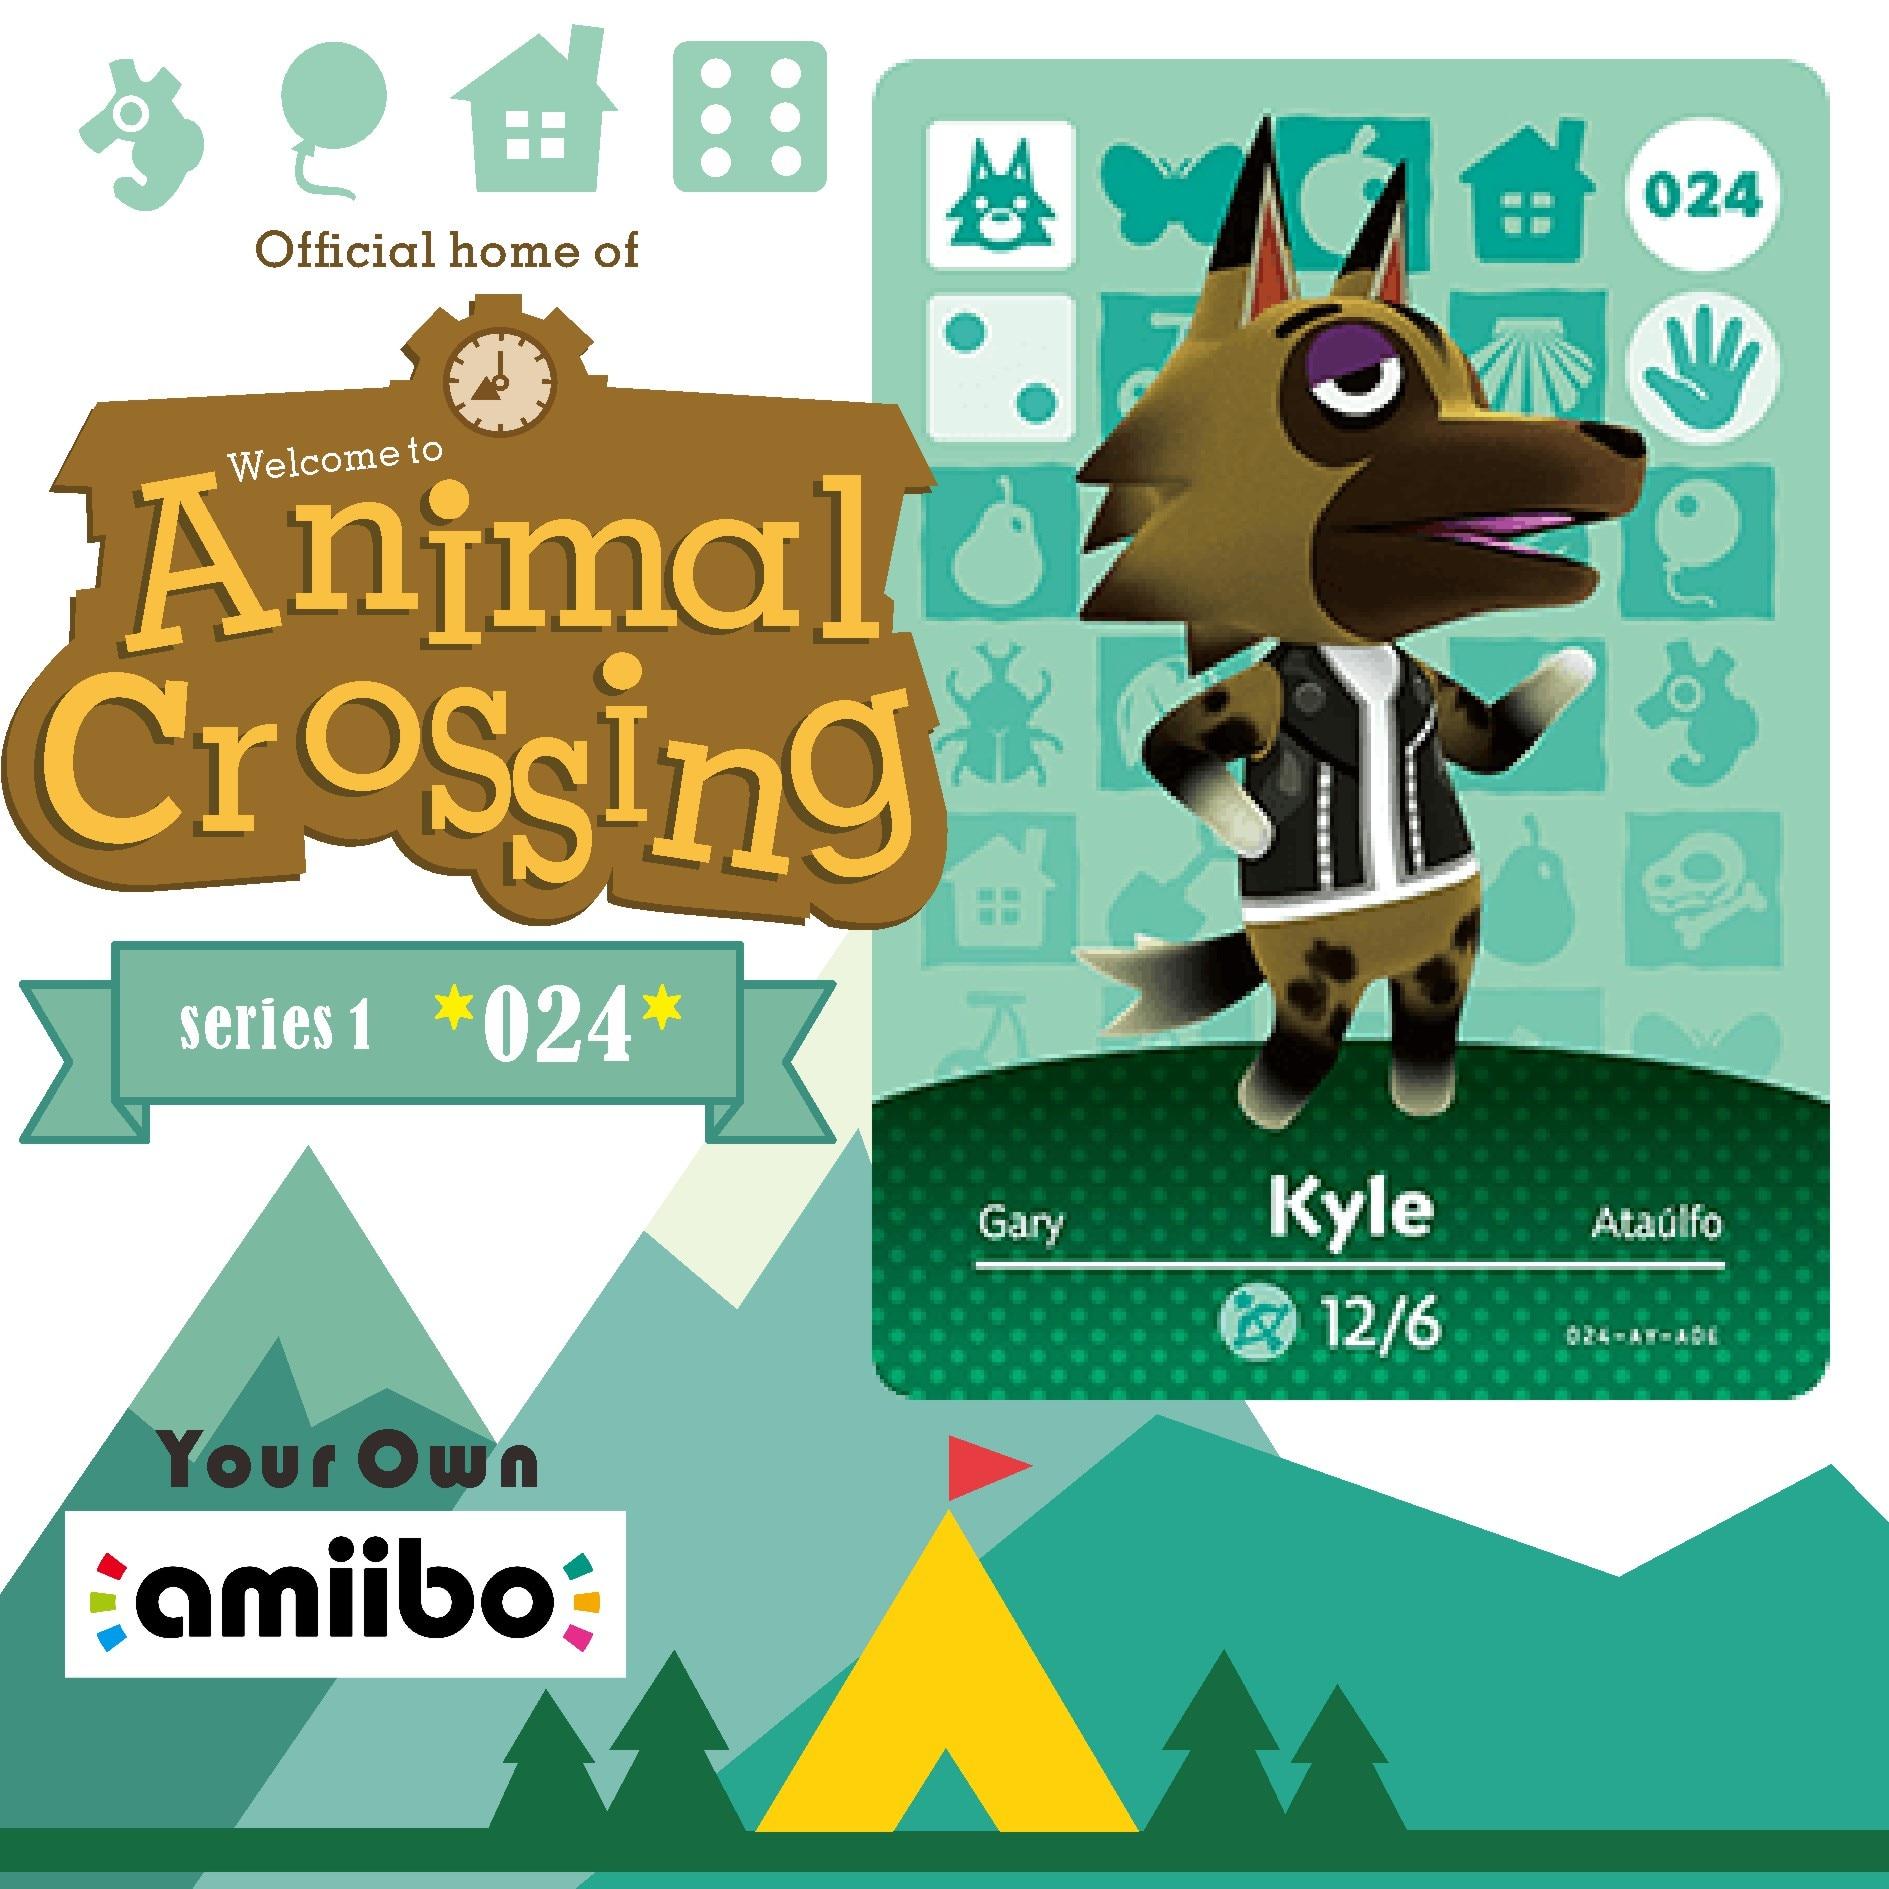 024 Kyle Welcome Amiibo Kyle  Cross Game Card Animal Crossing Card Amiibo Card Kyle 024 Work For Ns Games Amiibo 024 Kyle